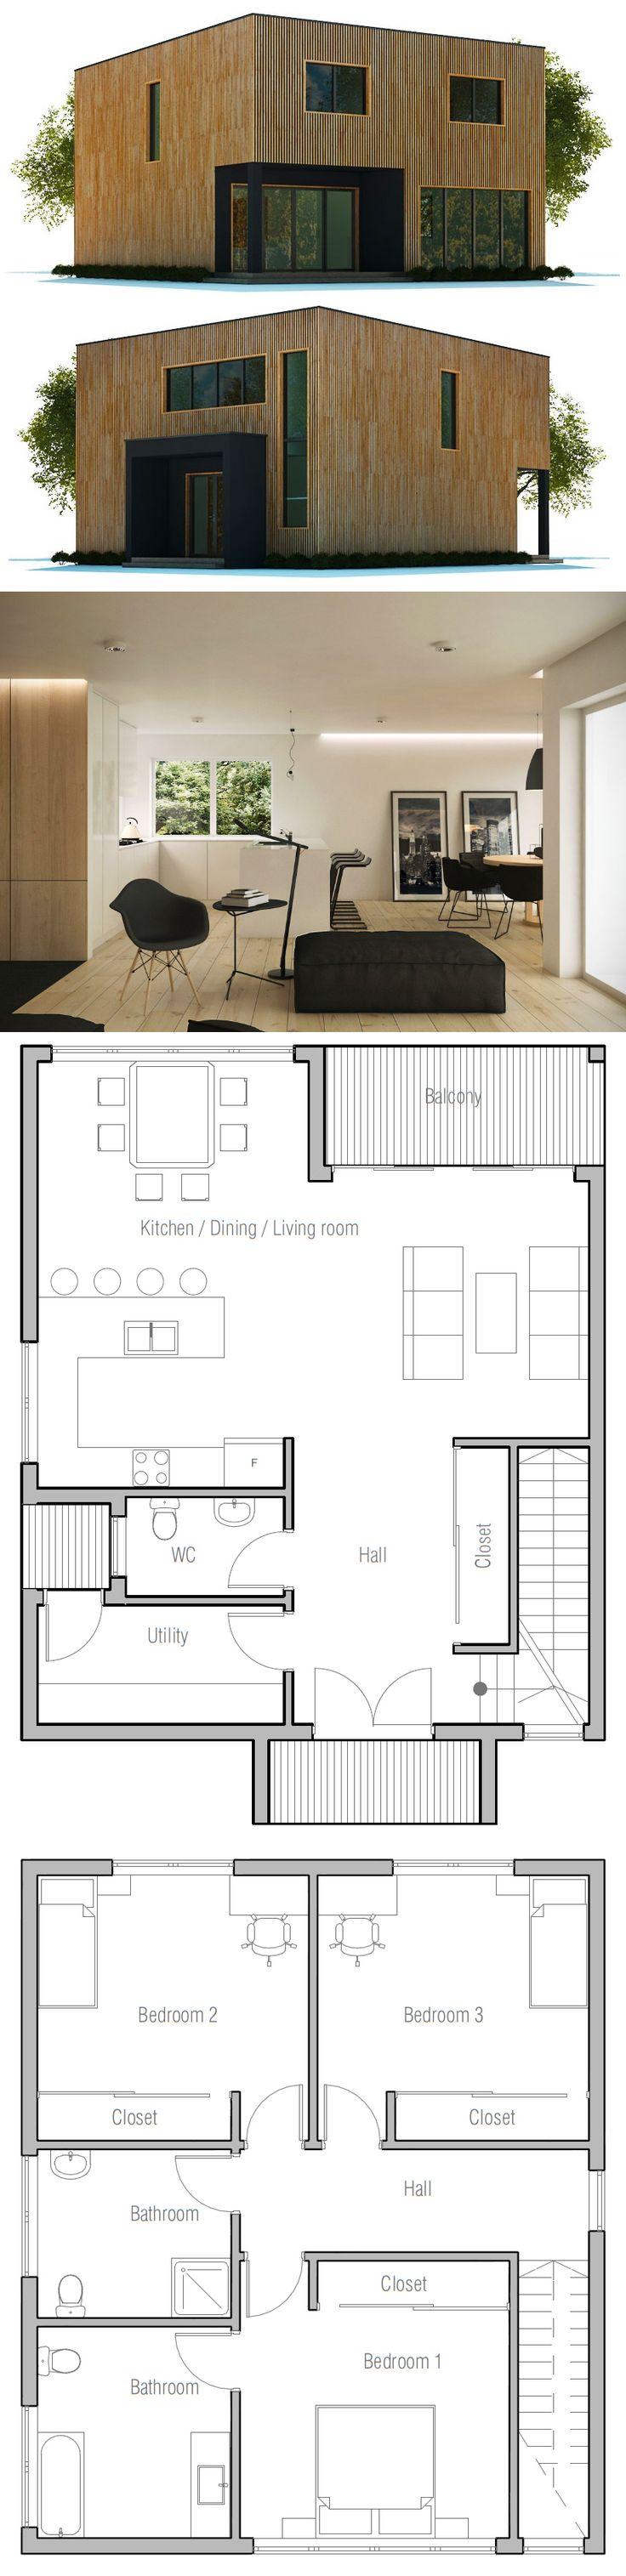 """Über 1.000 Ideen zu """"Kleine Hauspläne auf Pinterest Hauspläne ... size: 736 x 3030 post ID: 8 File size: 0 B"""